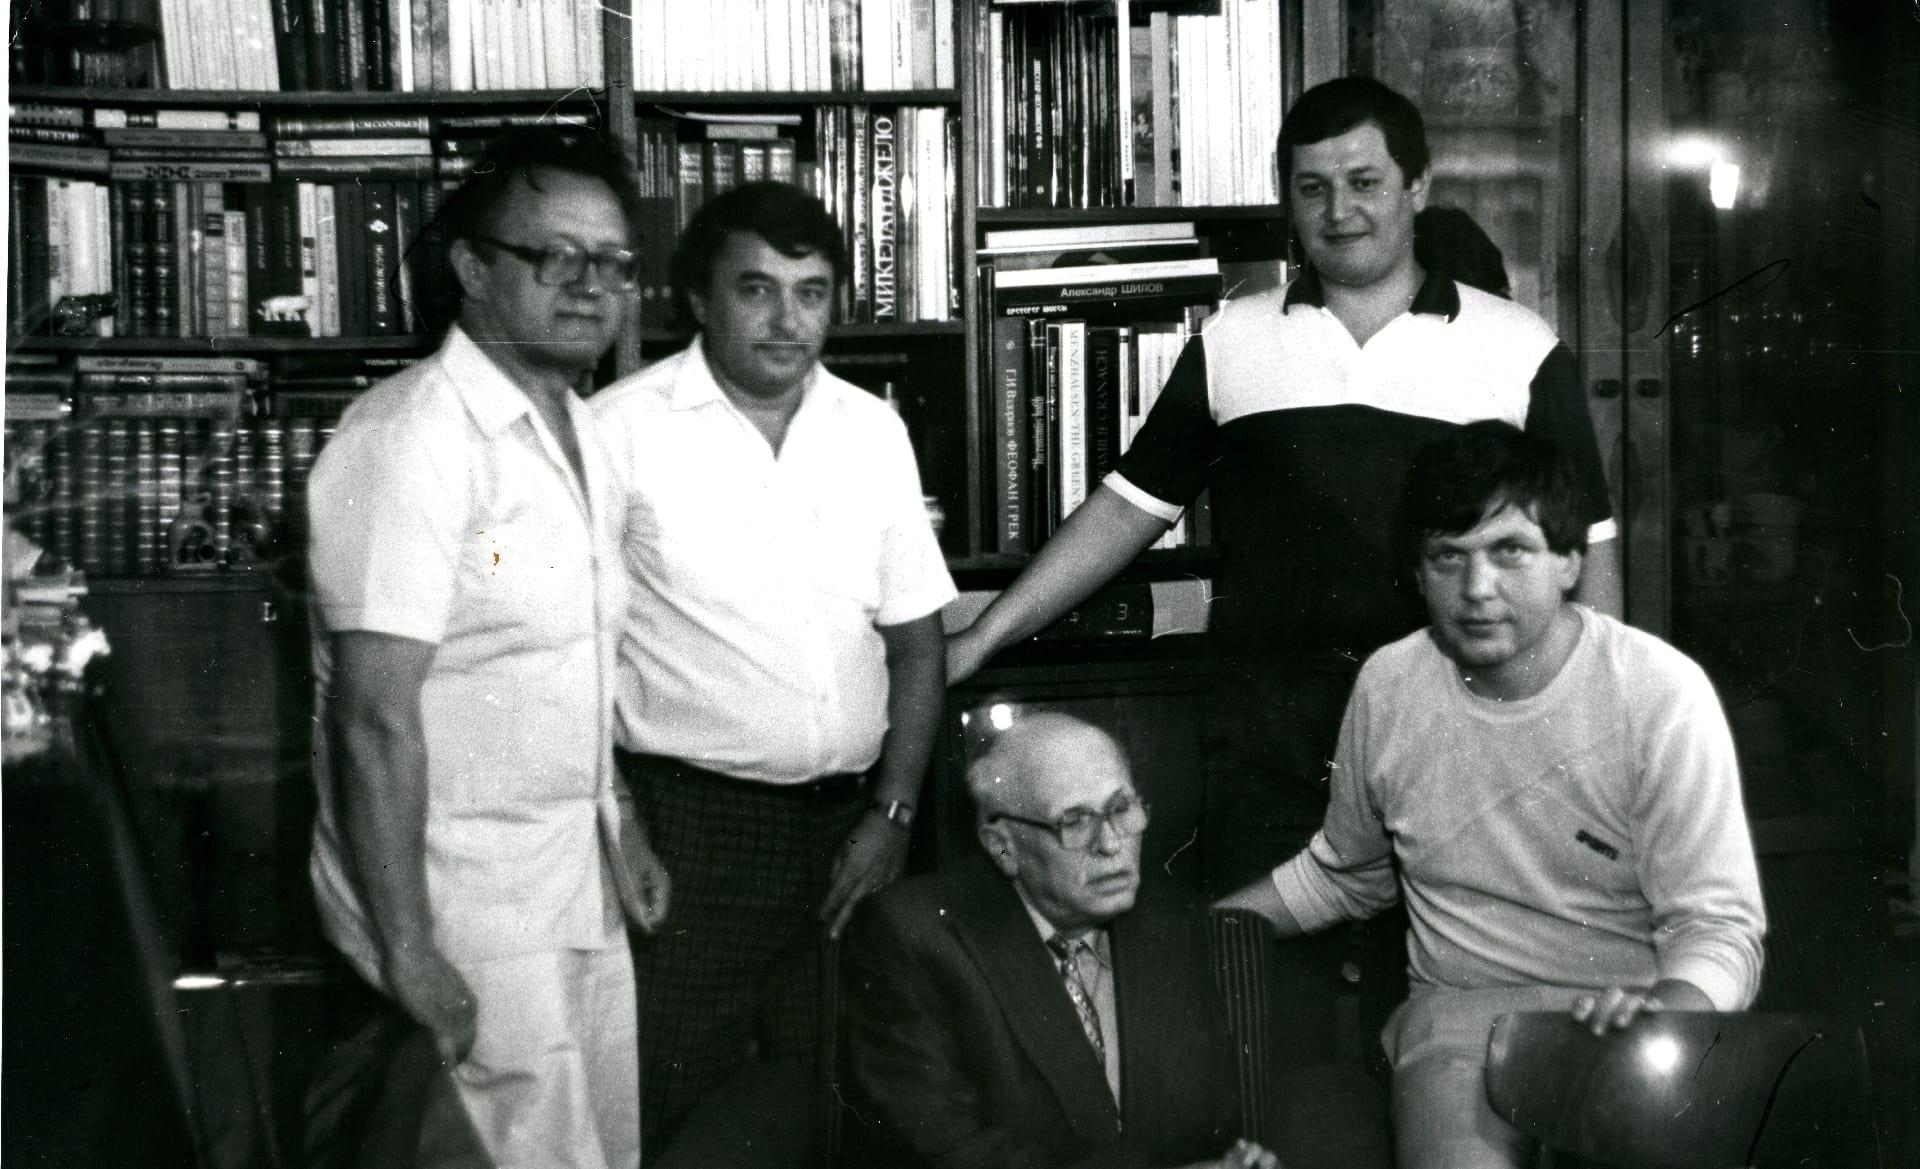 Экспонат #19. С  академиком Андреем Сахаровым. 1988 год